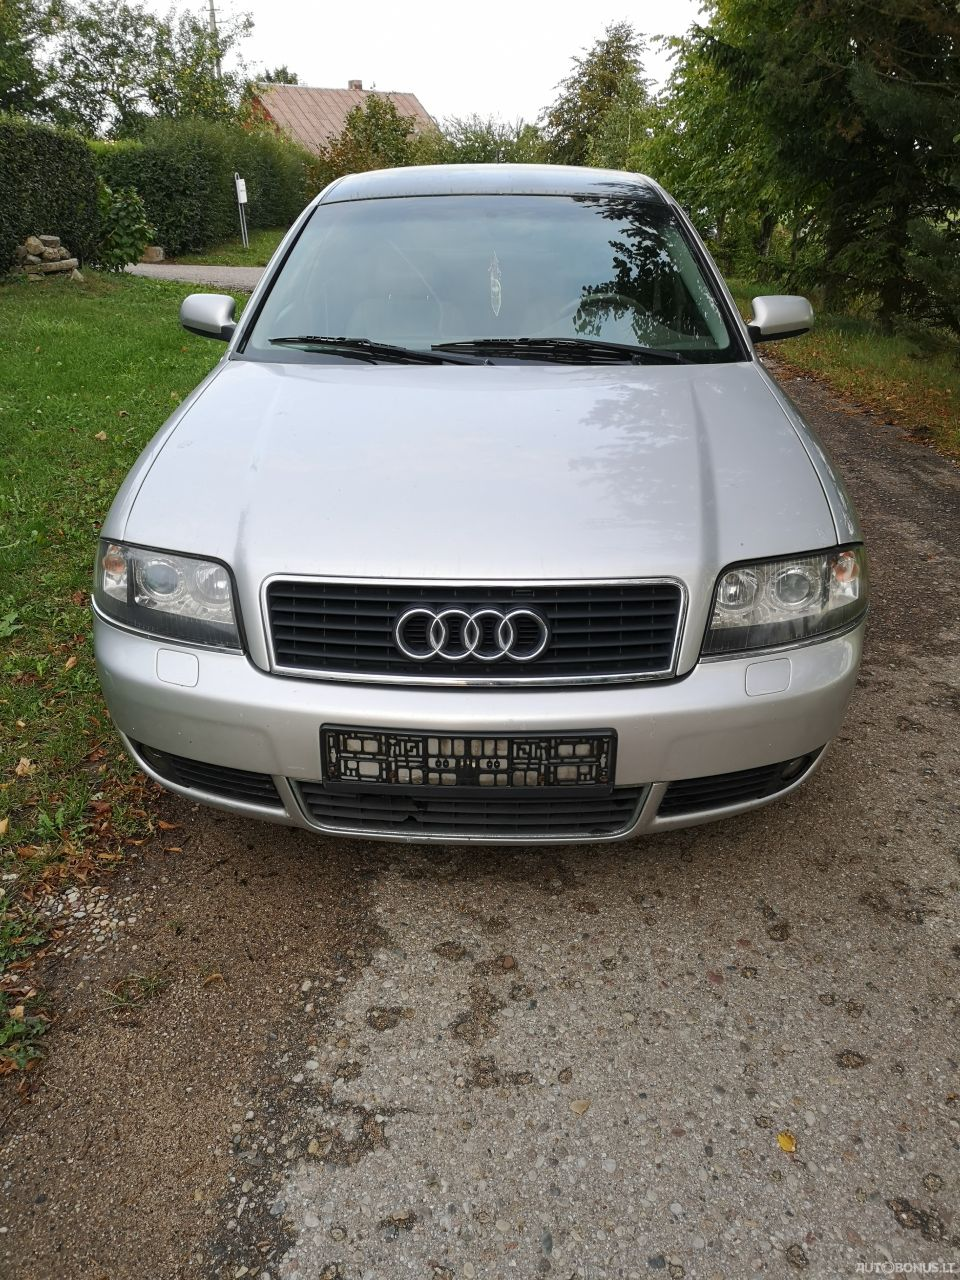 Audi A6, Sedanas